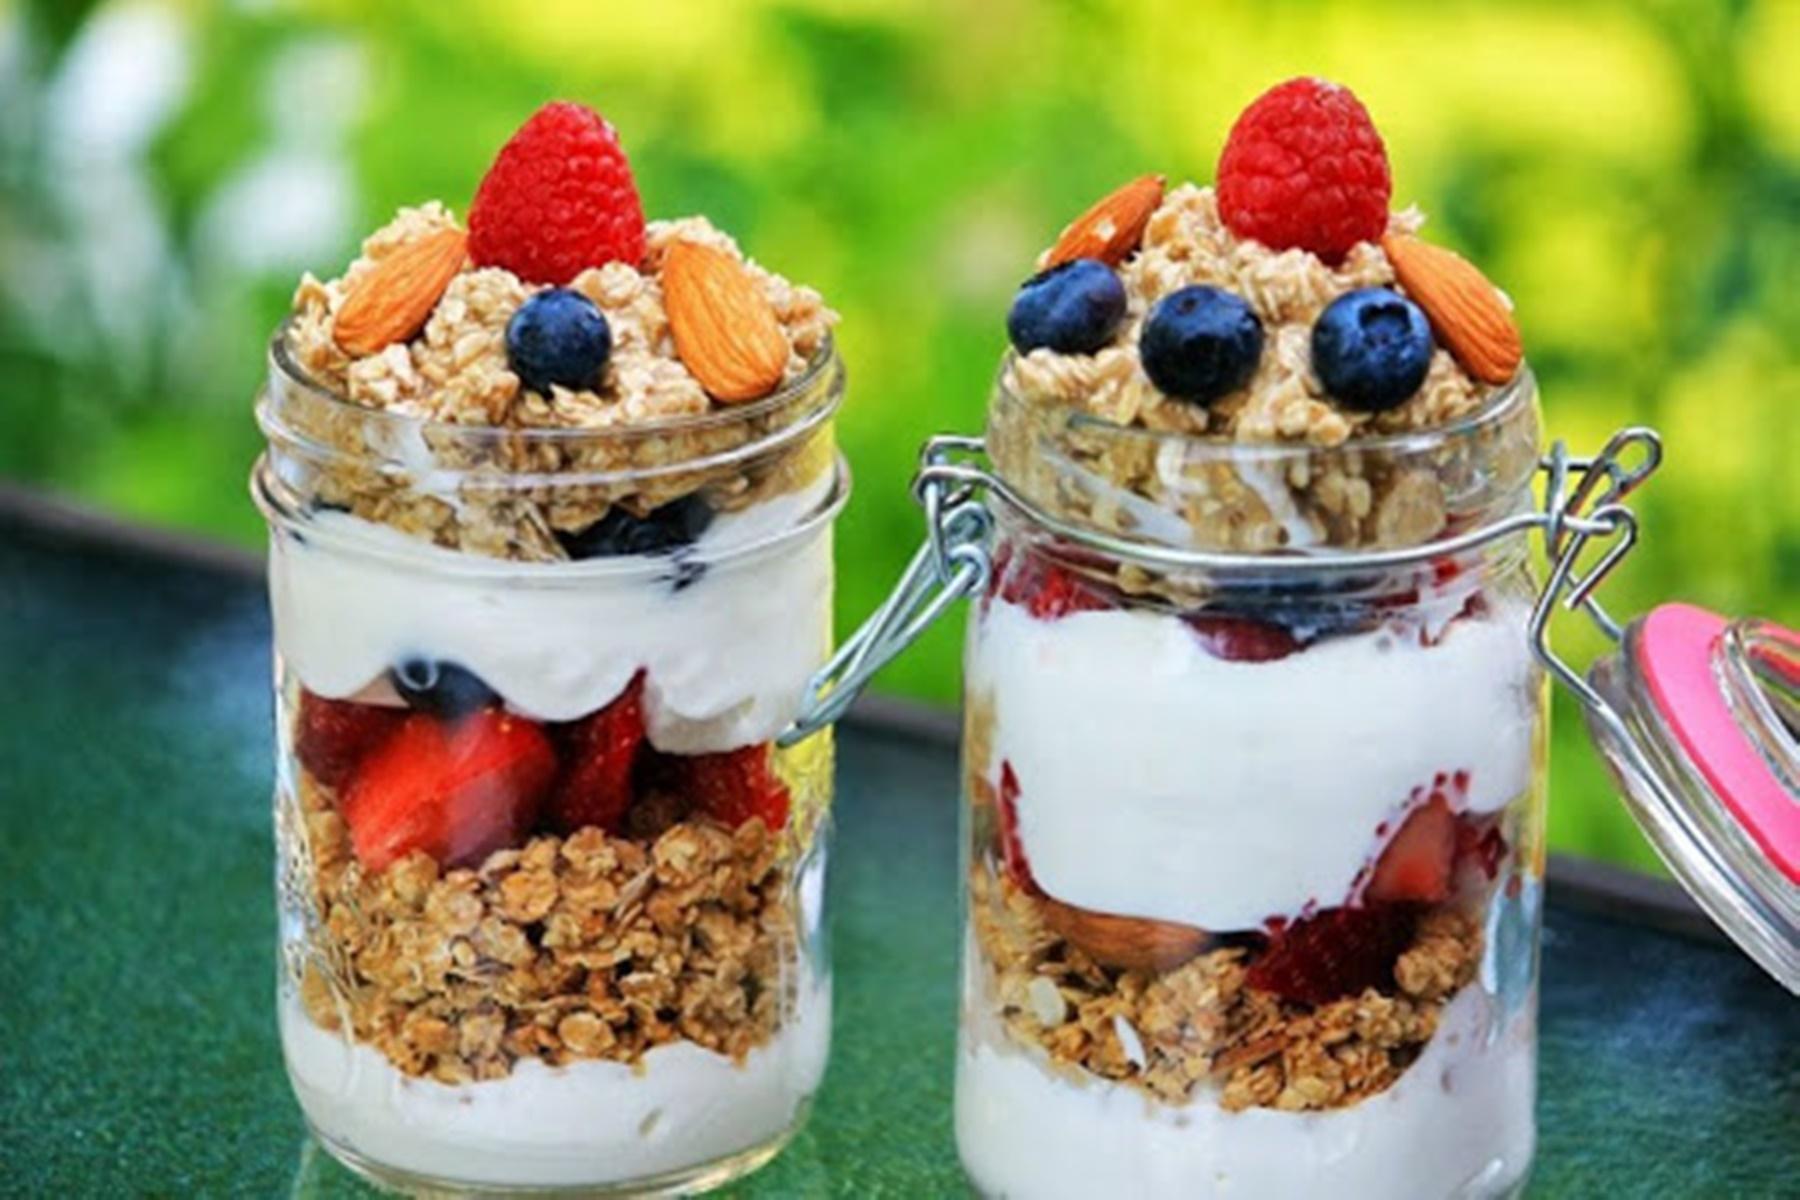 Διατροφή : Σνακ για να χάσετε βάρος